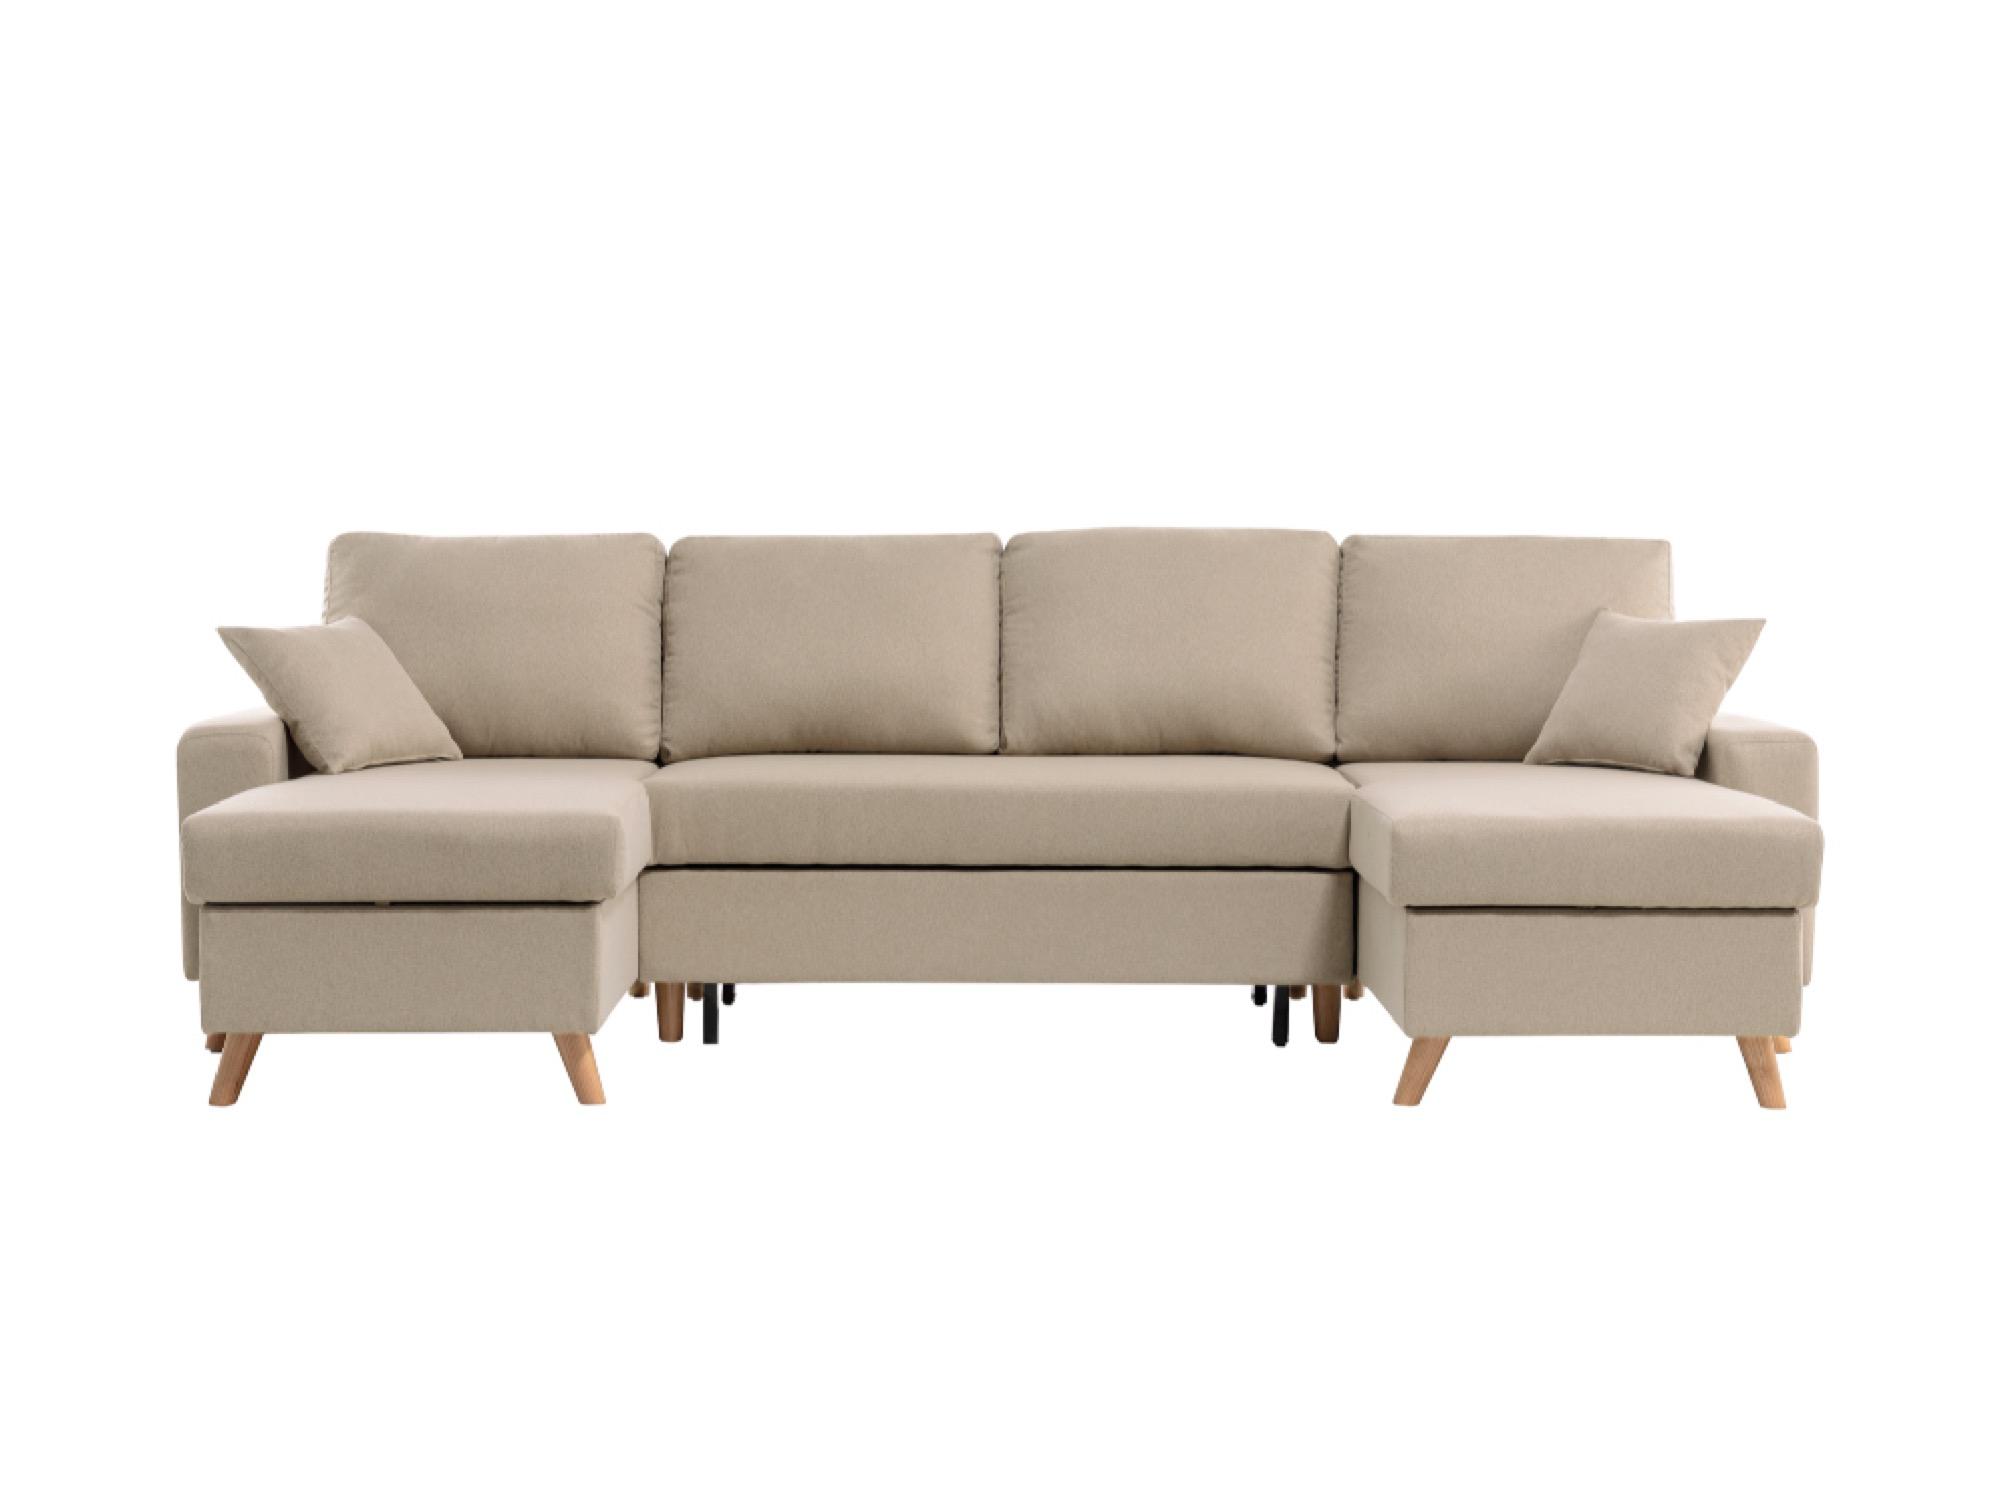 Canapé d'angle 6 places Beige Tissu Scandinave Confort